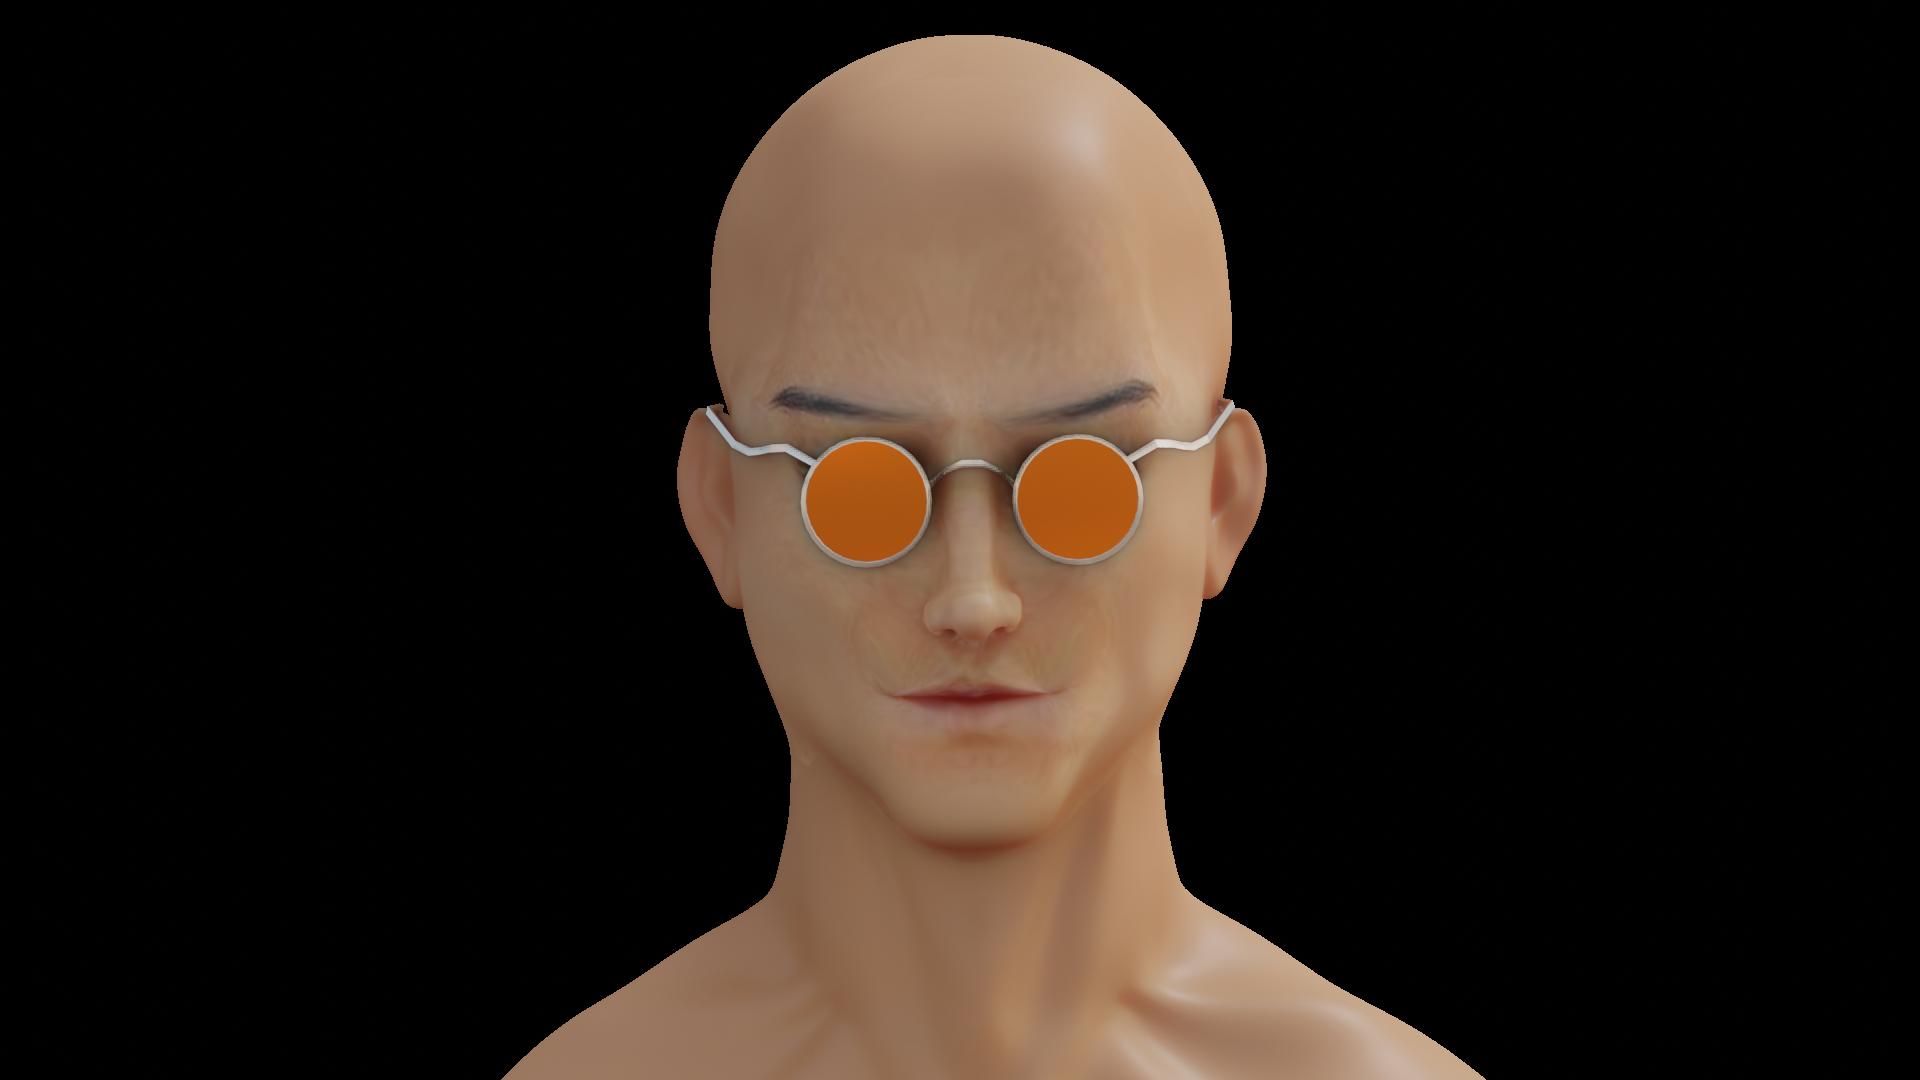 yokio realista sen oculos 6